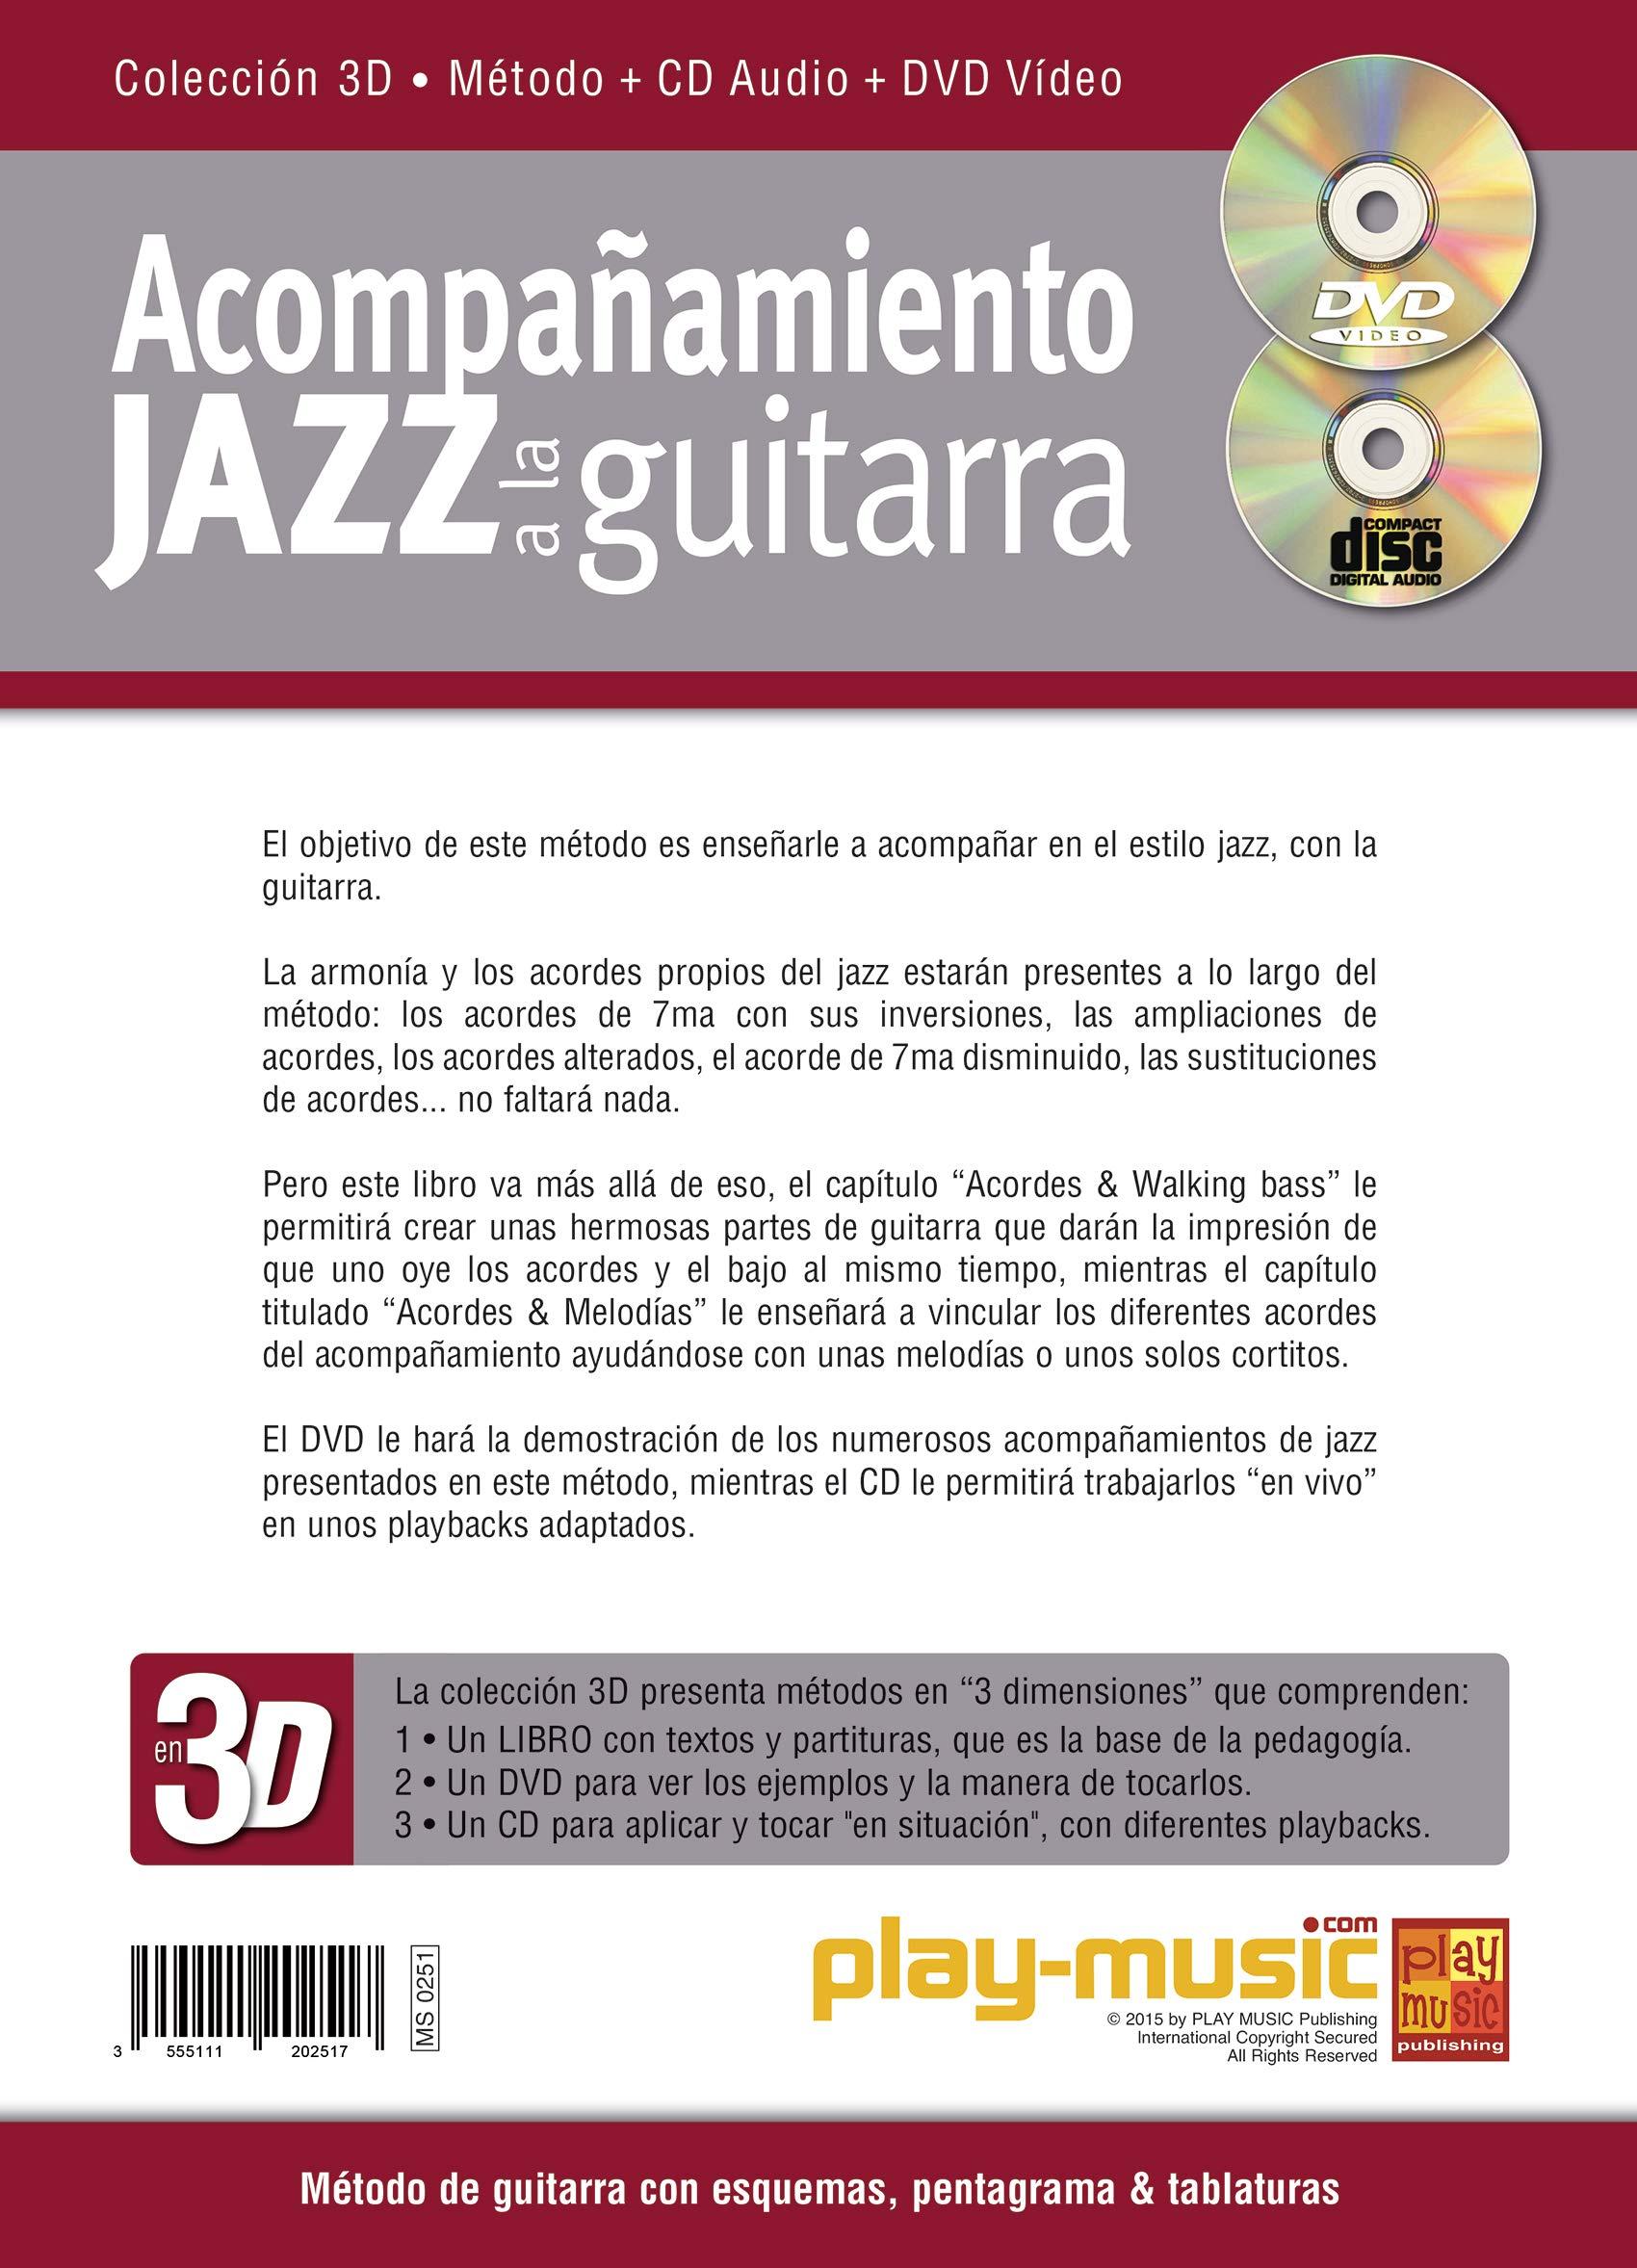 Acompañamiento jazz a la guitarra en 3D - 1 Libro + 1 CD + 1 DVD ...